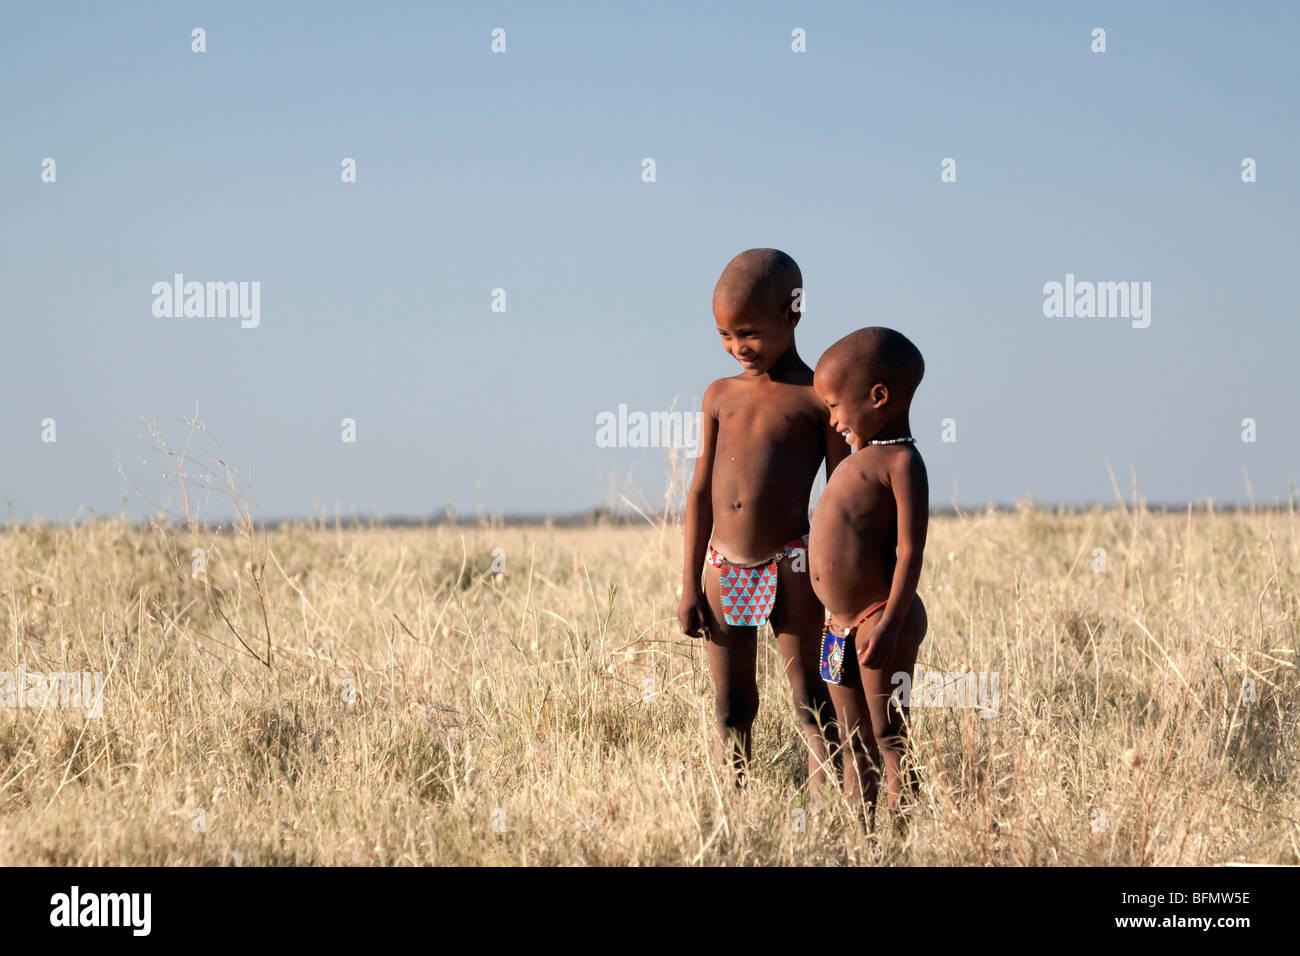 Botswana, Makgadikgadi. Bushmen children standing in the dry grasses of the Kalahari - Stock Image